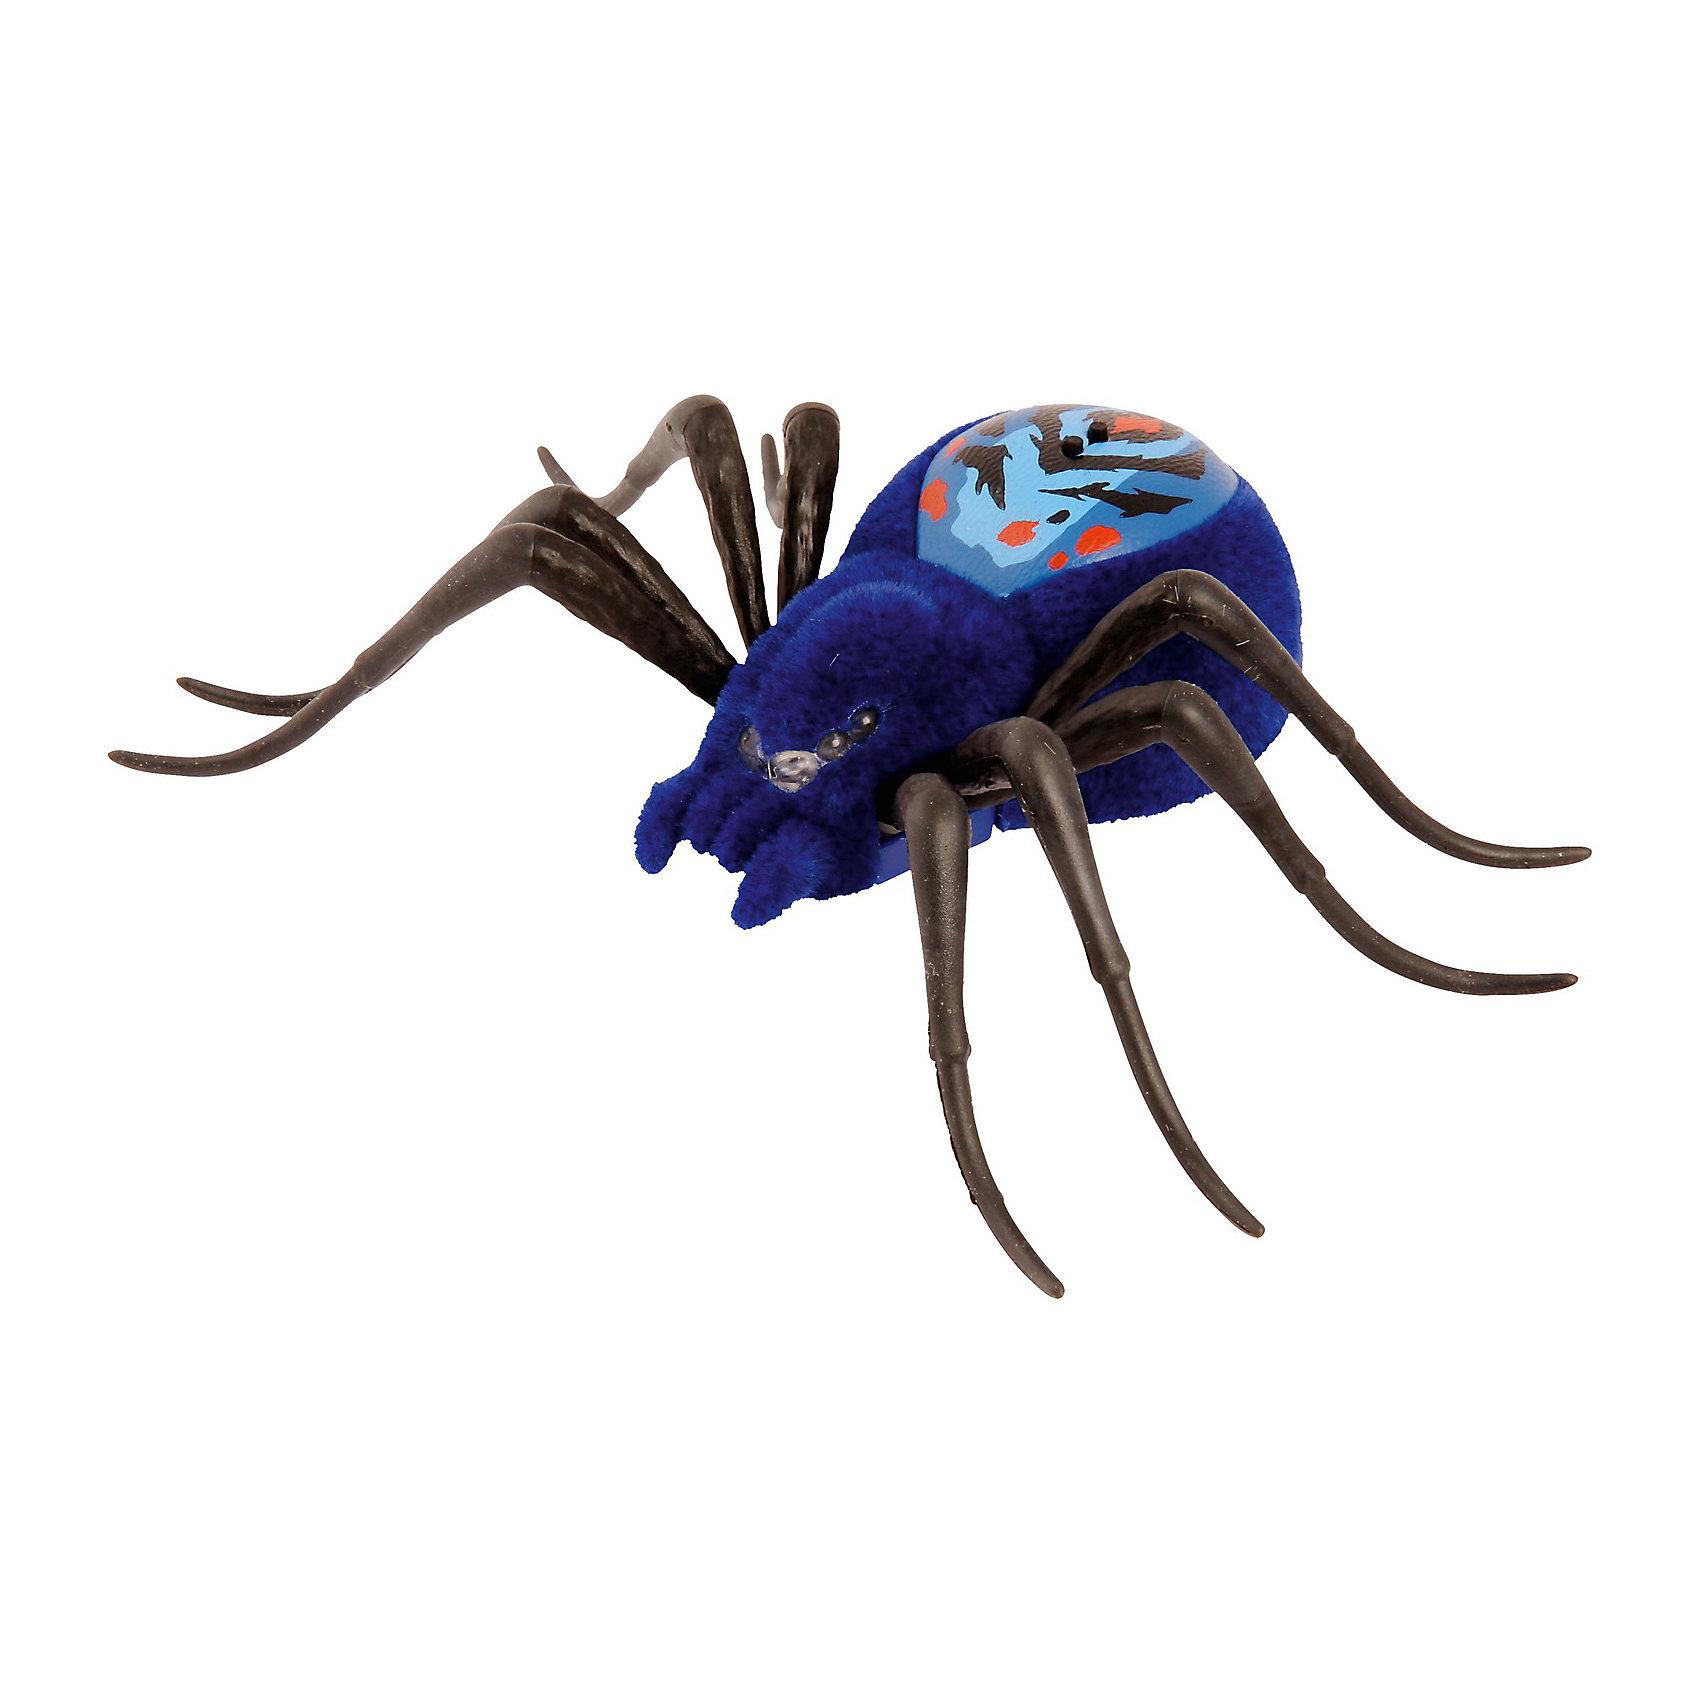 Интерактивный паучок Wild PetsНовая линейка от Moose заинтригует детей, которые хотят познакомиться с различными животными. Если раньше компания выпускала интерактивные игрушки только в виде домашних питомцев, то теперь настала очередь диких зверей и насекомых.  Интерактивный паук от Moose имеет 3 режима игры. Для того чтобы включить игрушку или перевести ее из одного режима в другой достаточно провести по спине паука: там расположены два сенсора, до которых нужно дотронуться. Глаза паука загорятся синим, он начнет ползать и искать укромные места, для того чтобы спрятаться.  Во втором режиме глаза паука загорятся зеленым цветом. Игрушка начинает активнее передвигаться и исследовать окружающую территорию. В последнем режиме паук ведет себя более агрессивно. Он передвигается быстрее,  может атаковать, а его глаза загораются красным светом. Для того, чтобы перевести его в обычные режимы достаточно еще несколько раз провести по сенсорам на спине. До тех пор пока глаза игрушки не загорятся синим или зеленым светом.<br><br>Дополнительная информация:<br><br>- Материал: пластик, текстиль, металл.<br>- Размер упаковки: 22х18х7,5 см.<br>- Цвет паука: синий.<br>- Элемент питания: 3 батарейки AG13 / LR44 (в комплекте).<br><br>Интерактивного паучка Wild Pets (Вилд Петс), можно купить в нашем магазине.<br><br>Ширина мм: 220<br>Глубина мм: 182<br>Высота мм: 66<br>Вес г: 125<br>Возраст от месяцев: 60<br>Возраст до месяцев: 108<br>Пол: Унисекс<br>Возраст: Детский<br>SKU: 4172244